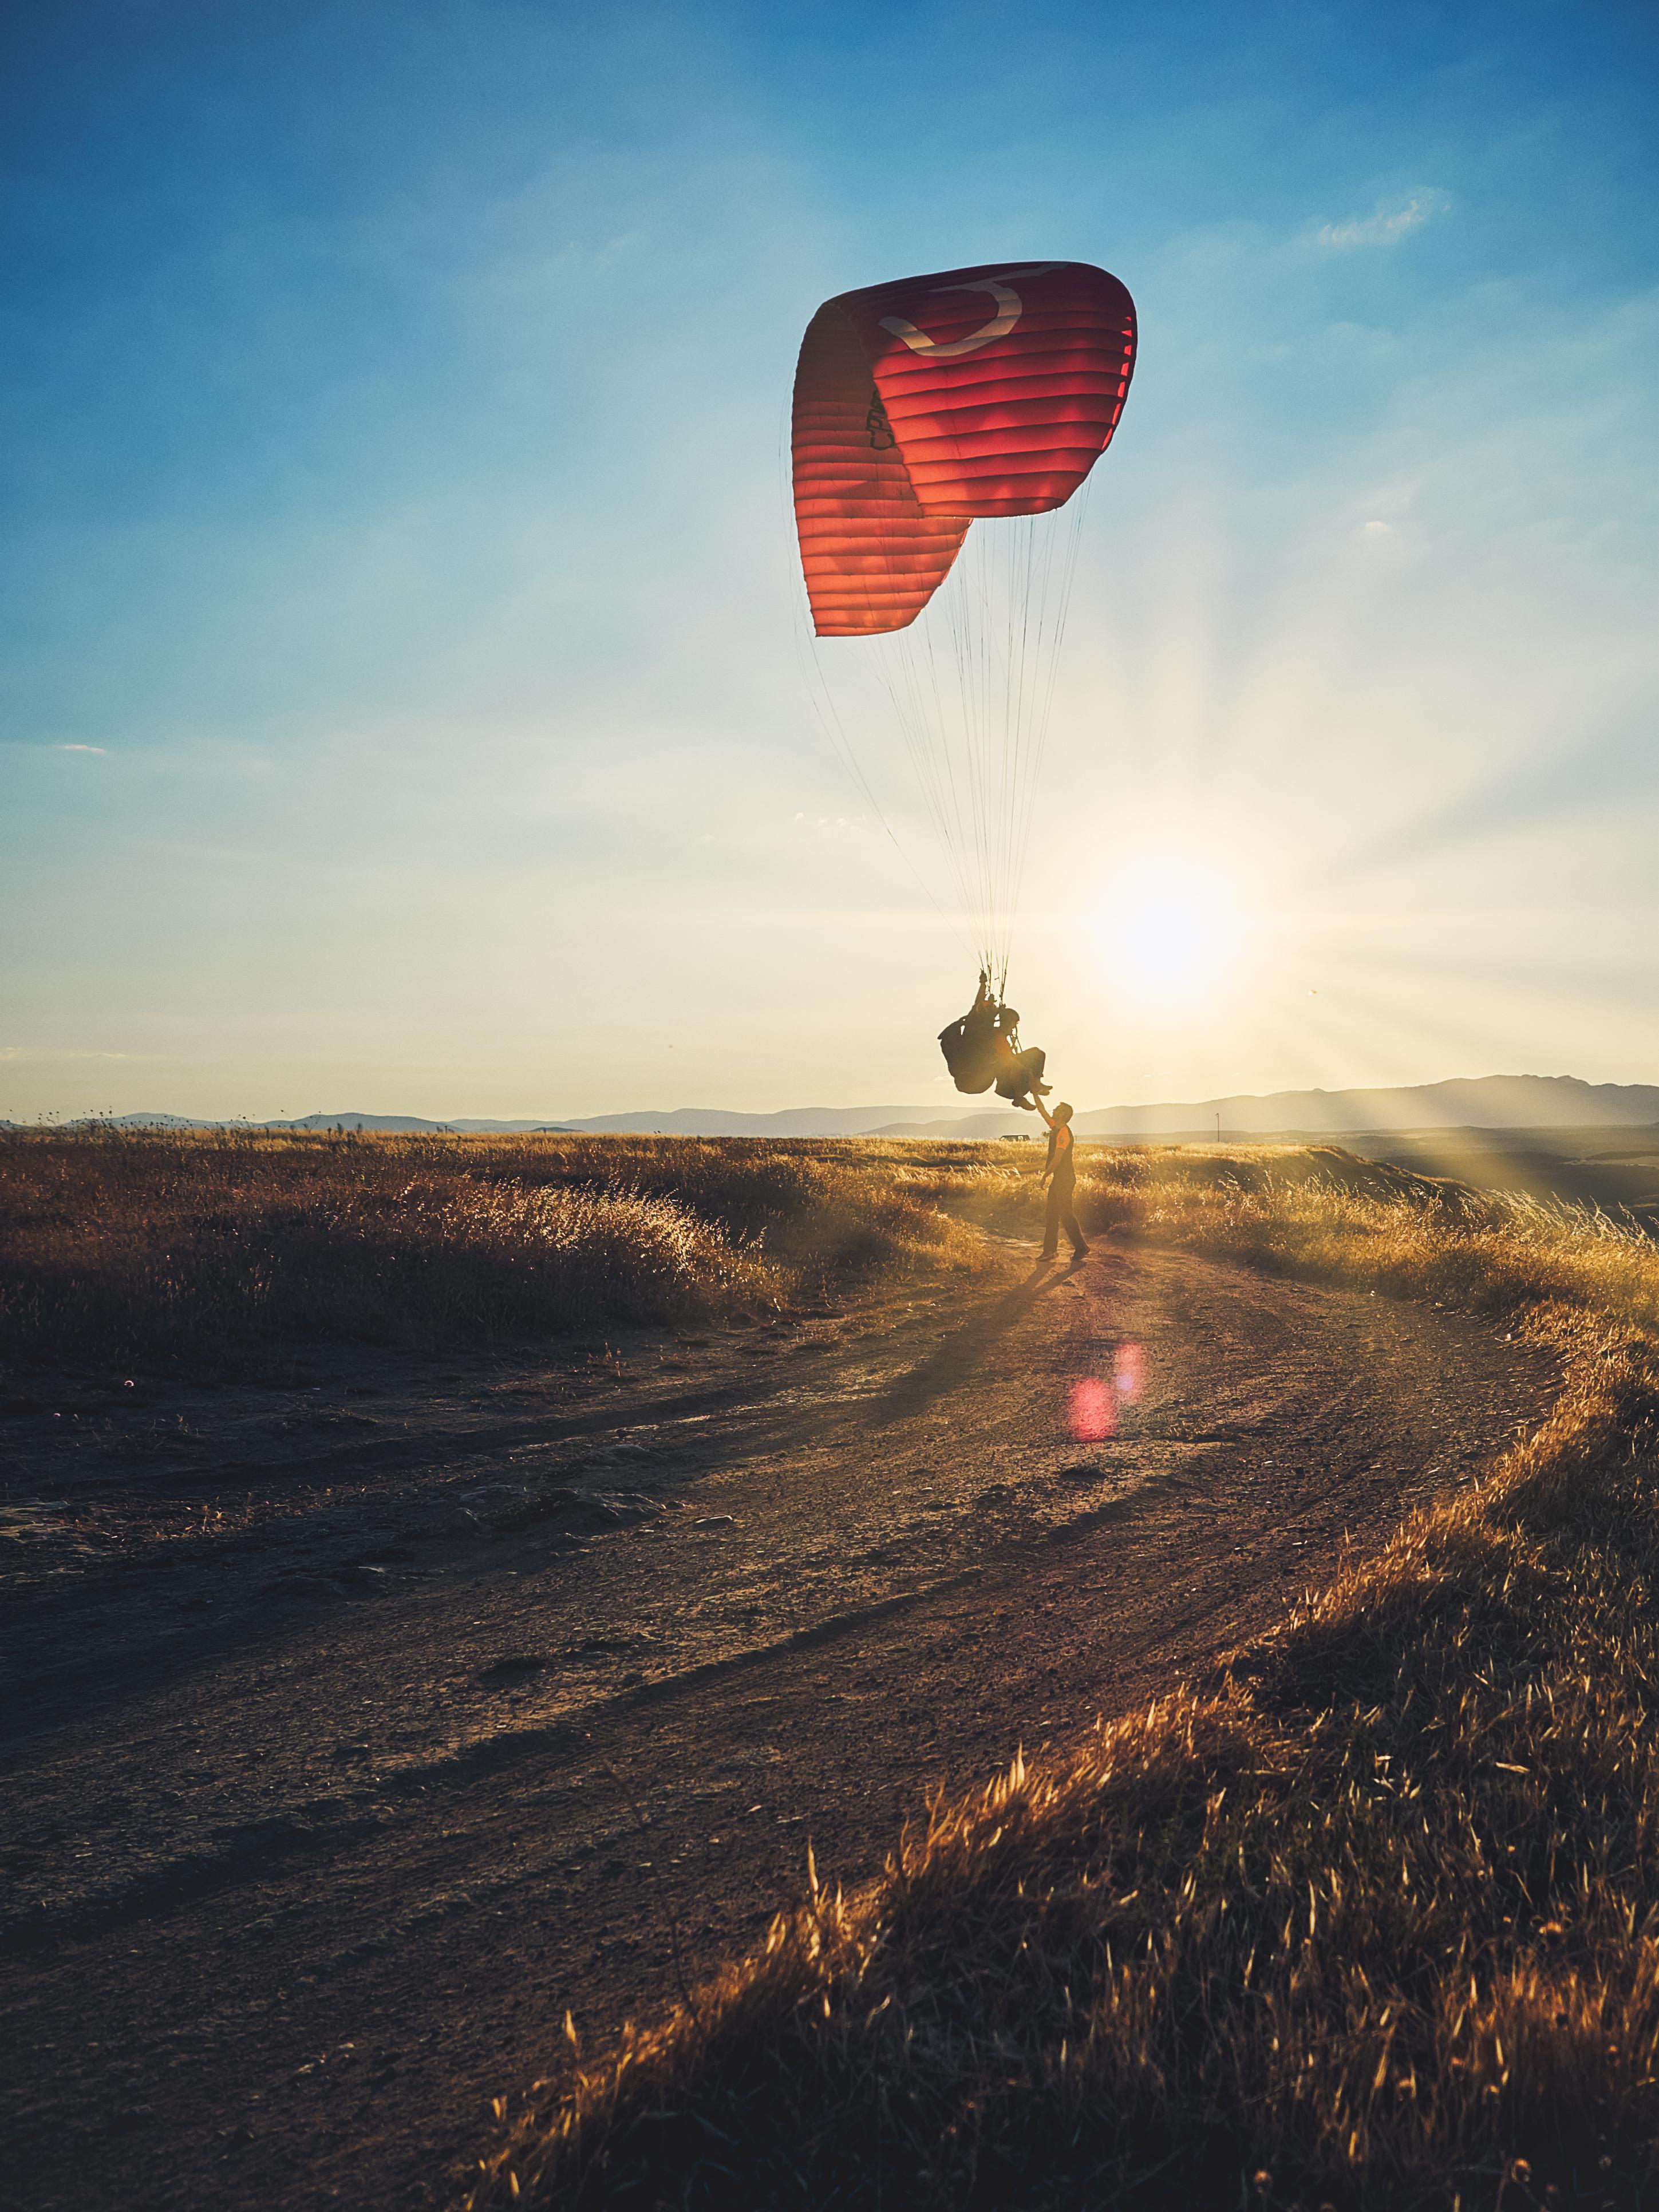 Parapente volando en la puesta de sol